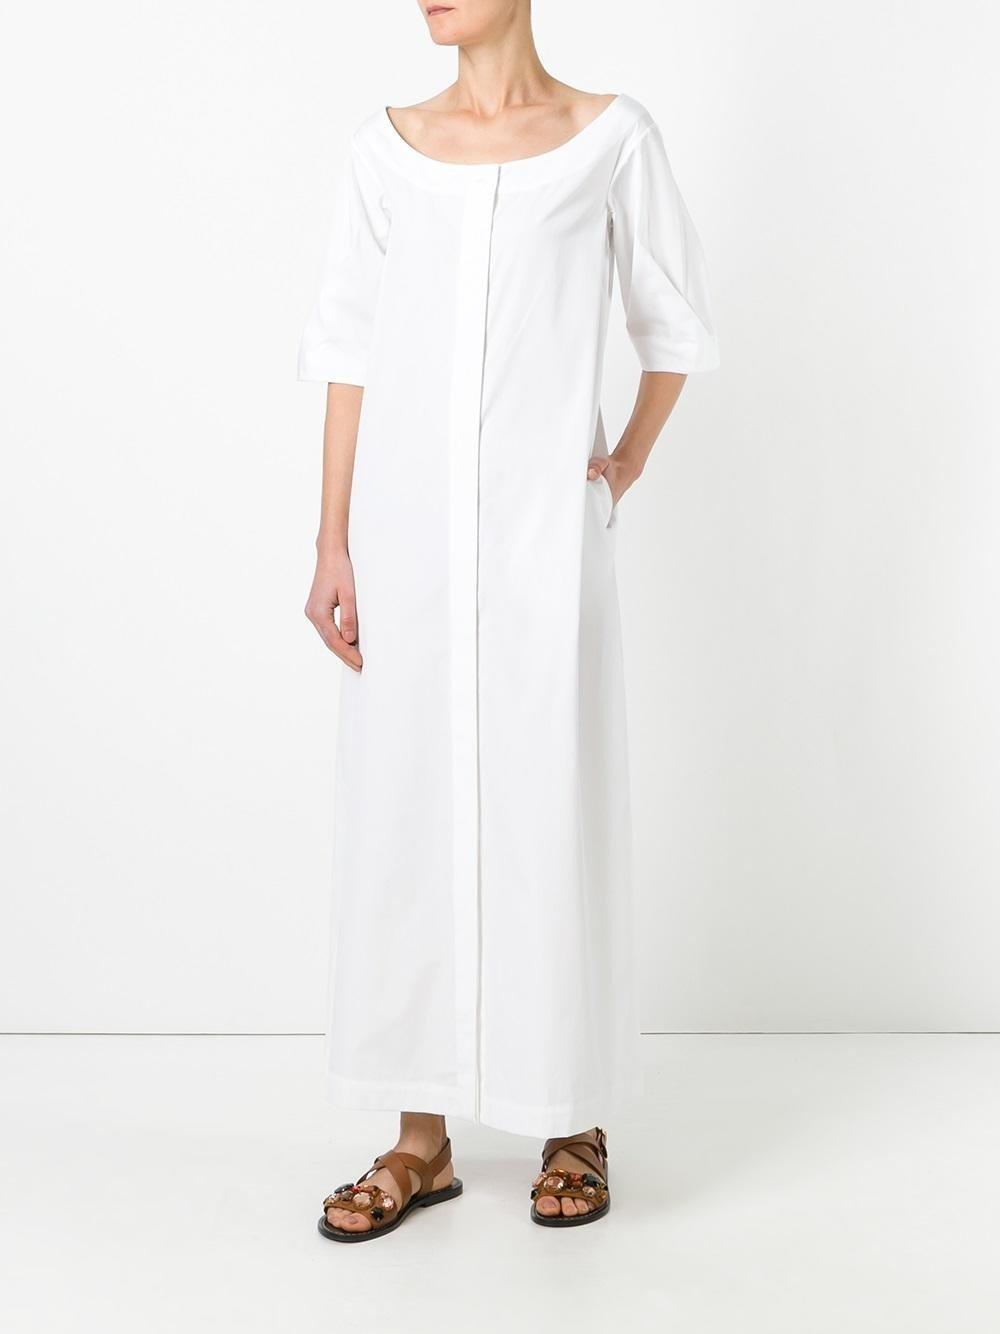 91bde303325 Модное платье-рубашка 2018 2019 года  фото